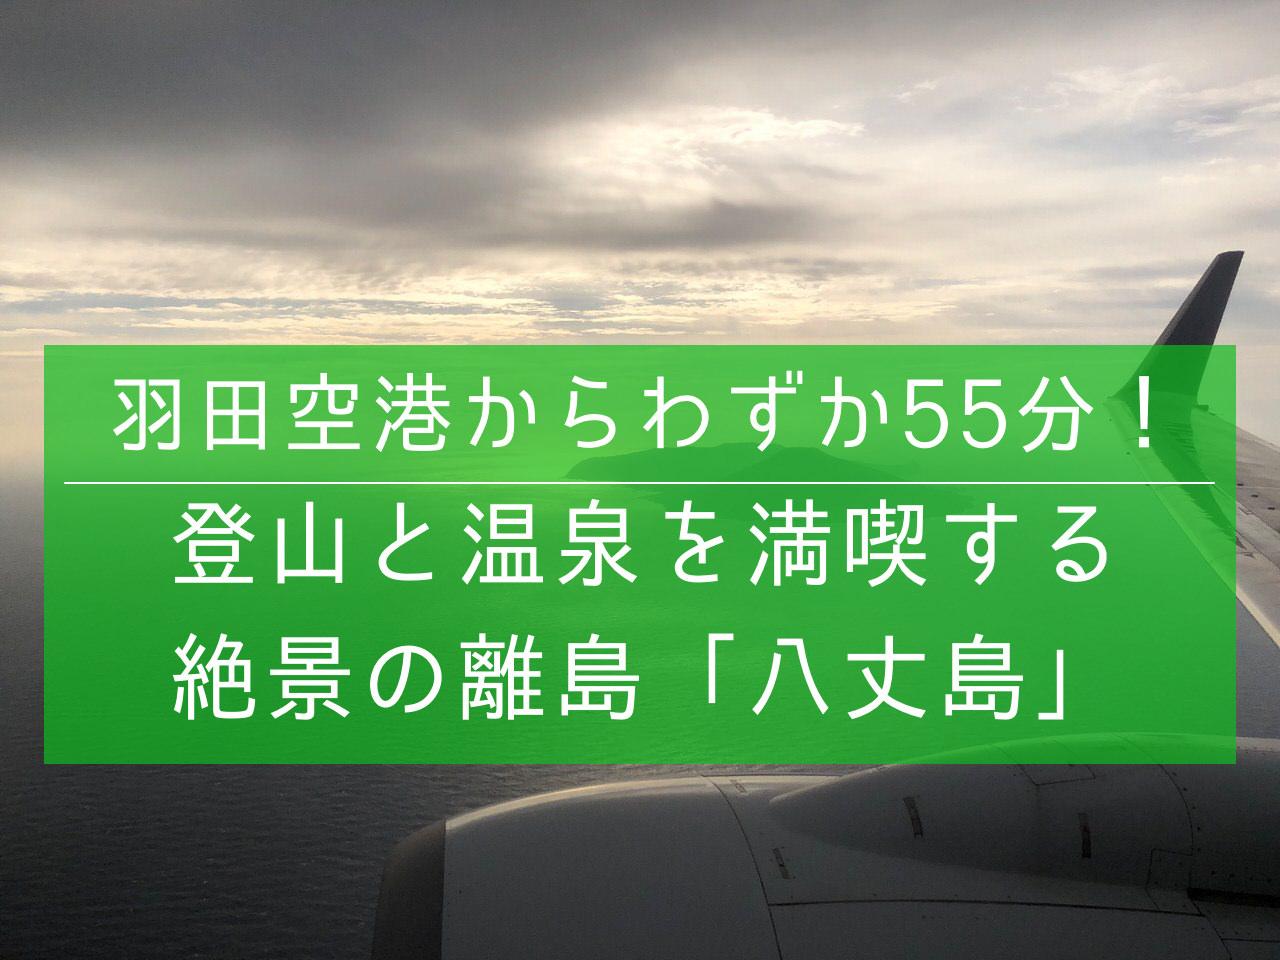 Hachijojima 15083034 2